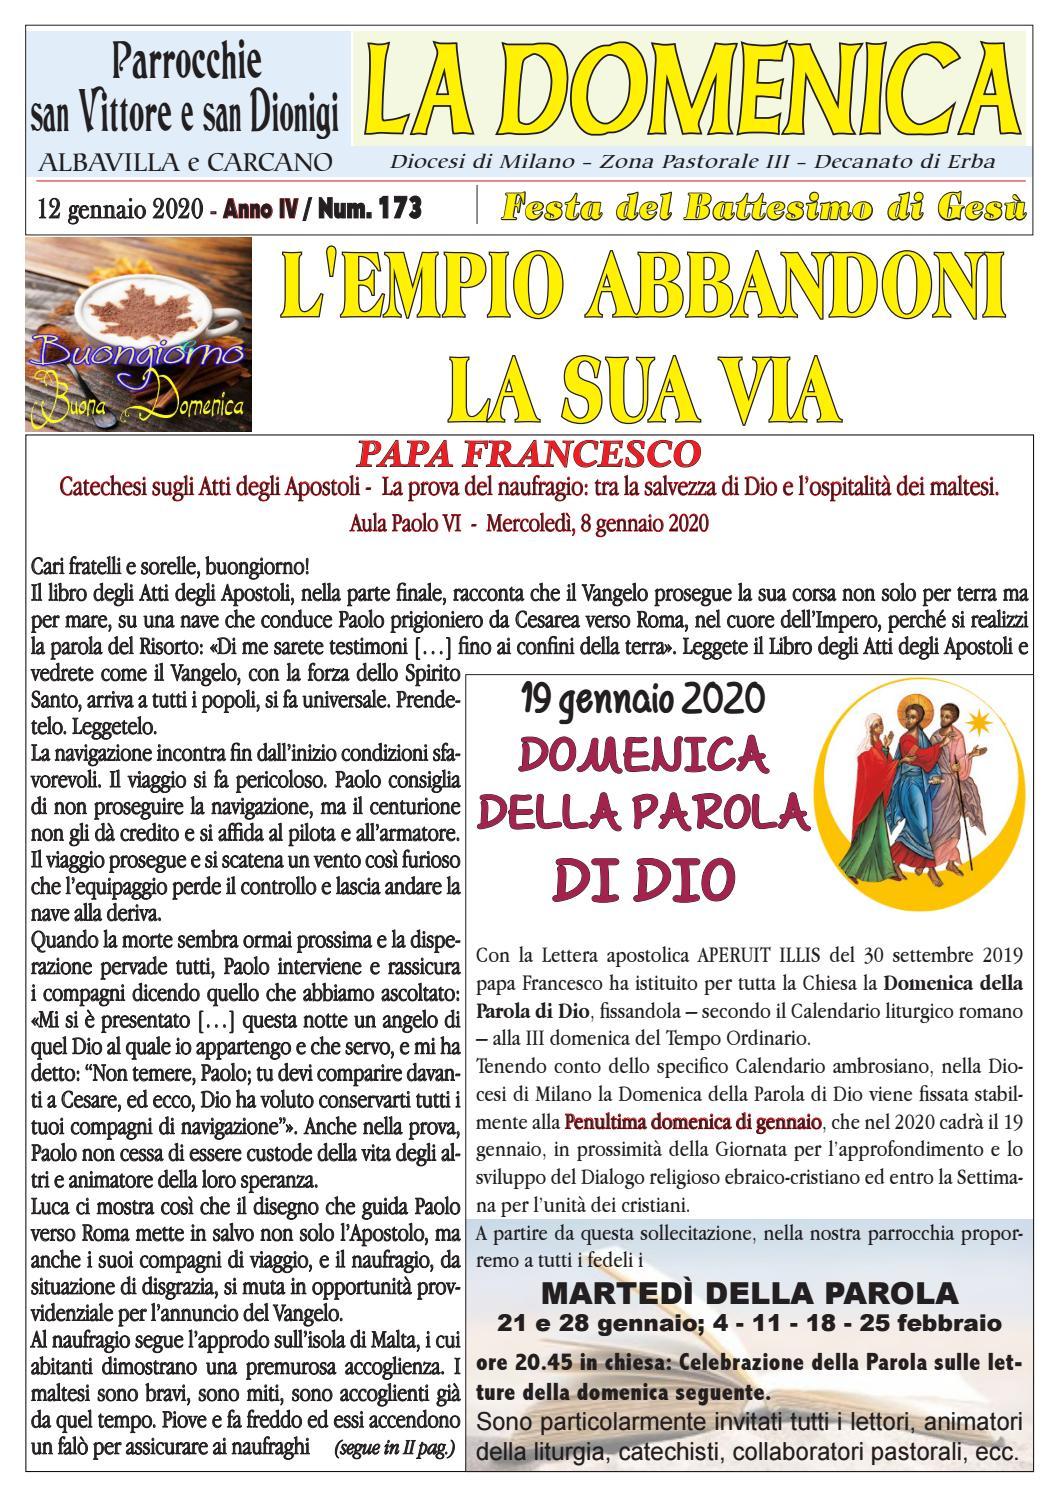 La Domenica Del 12 01 2020 By Parrocchia Di Albavilla Issuu